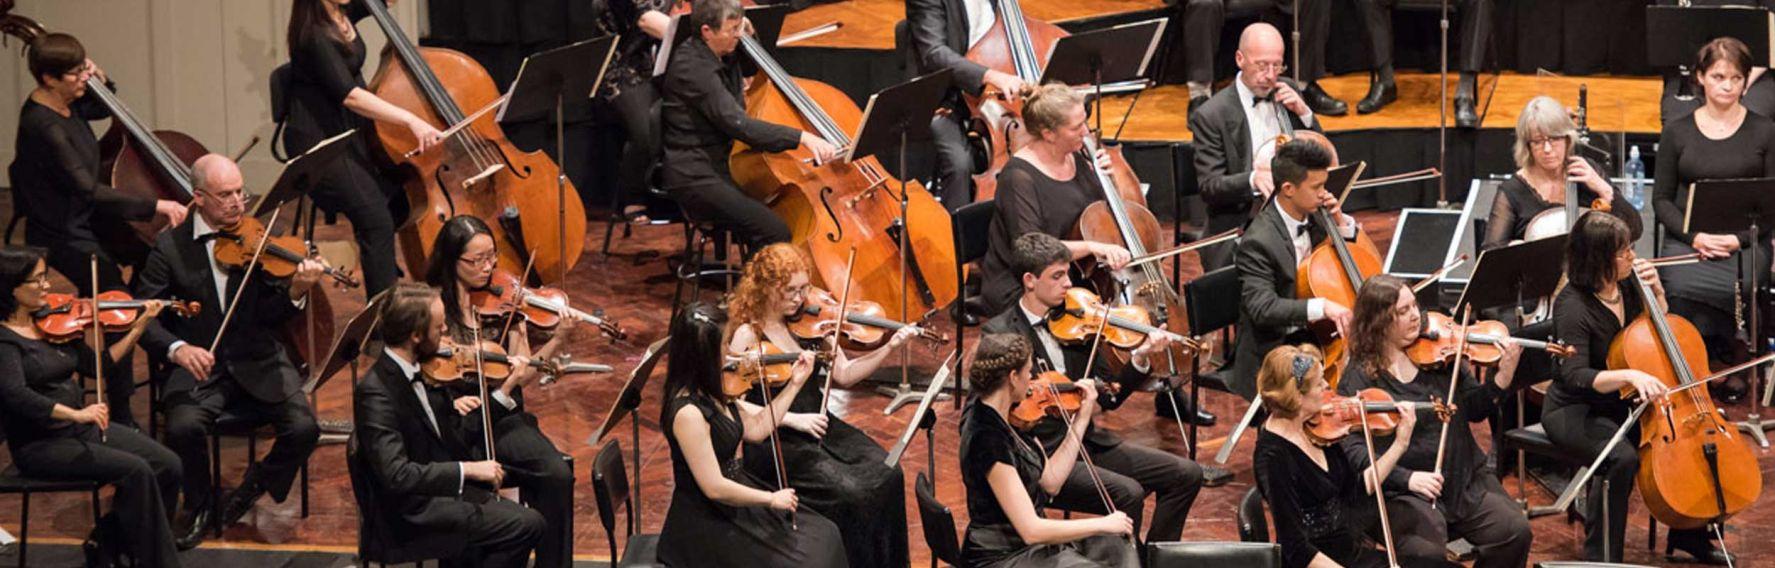 The Dunedin Symphony Orchestra